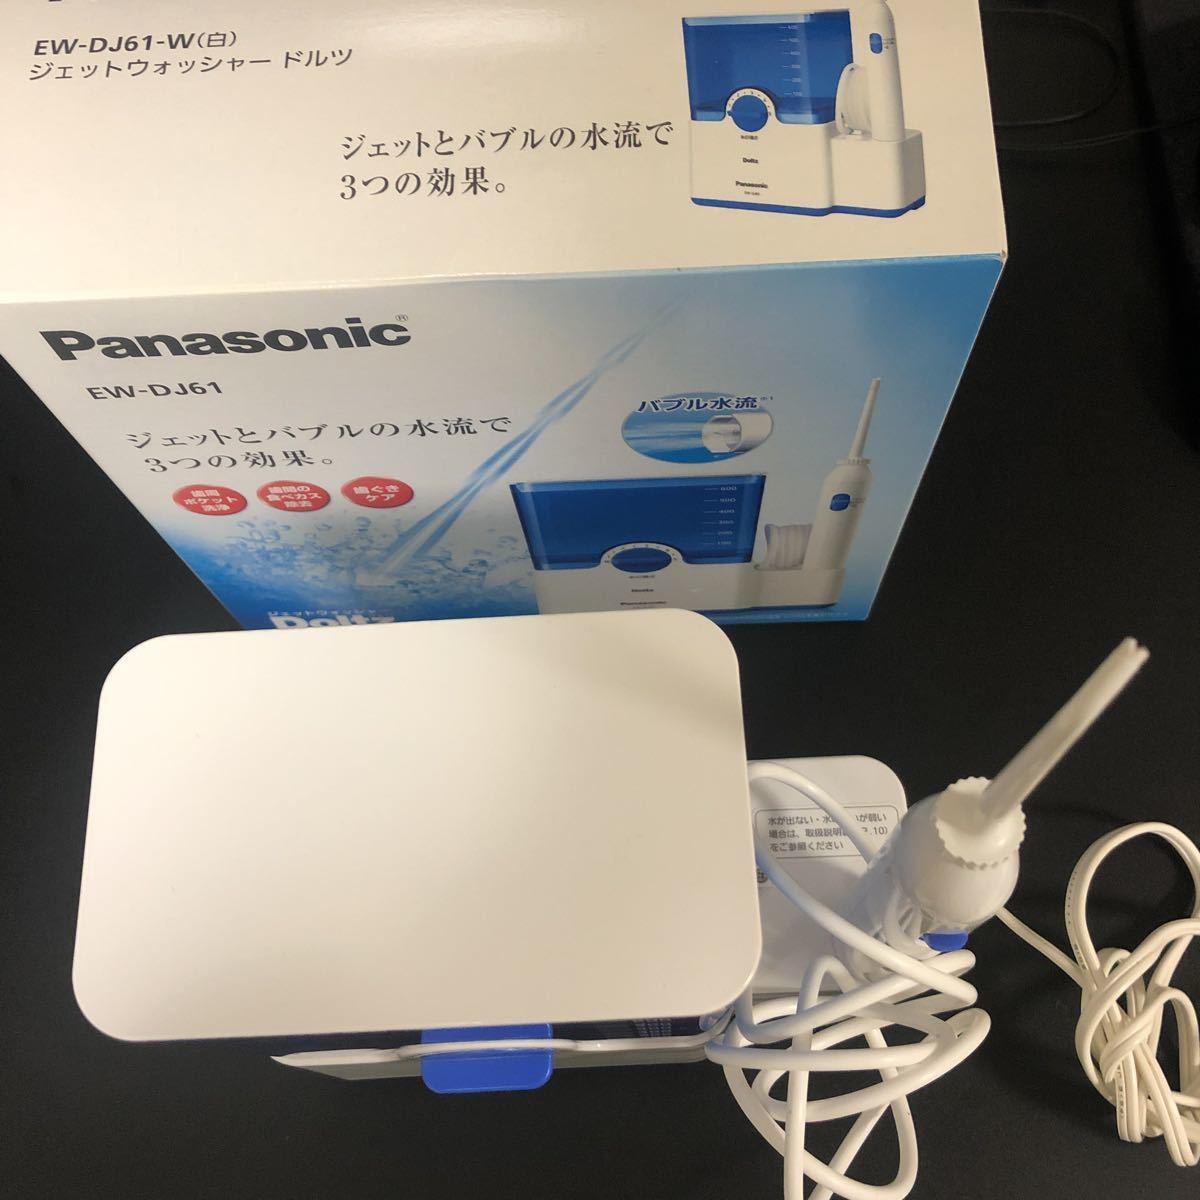 ジェットウォッシャー ドルツ Doltz EW-DJ61 Panasonic_画像2